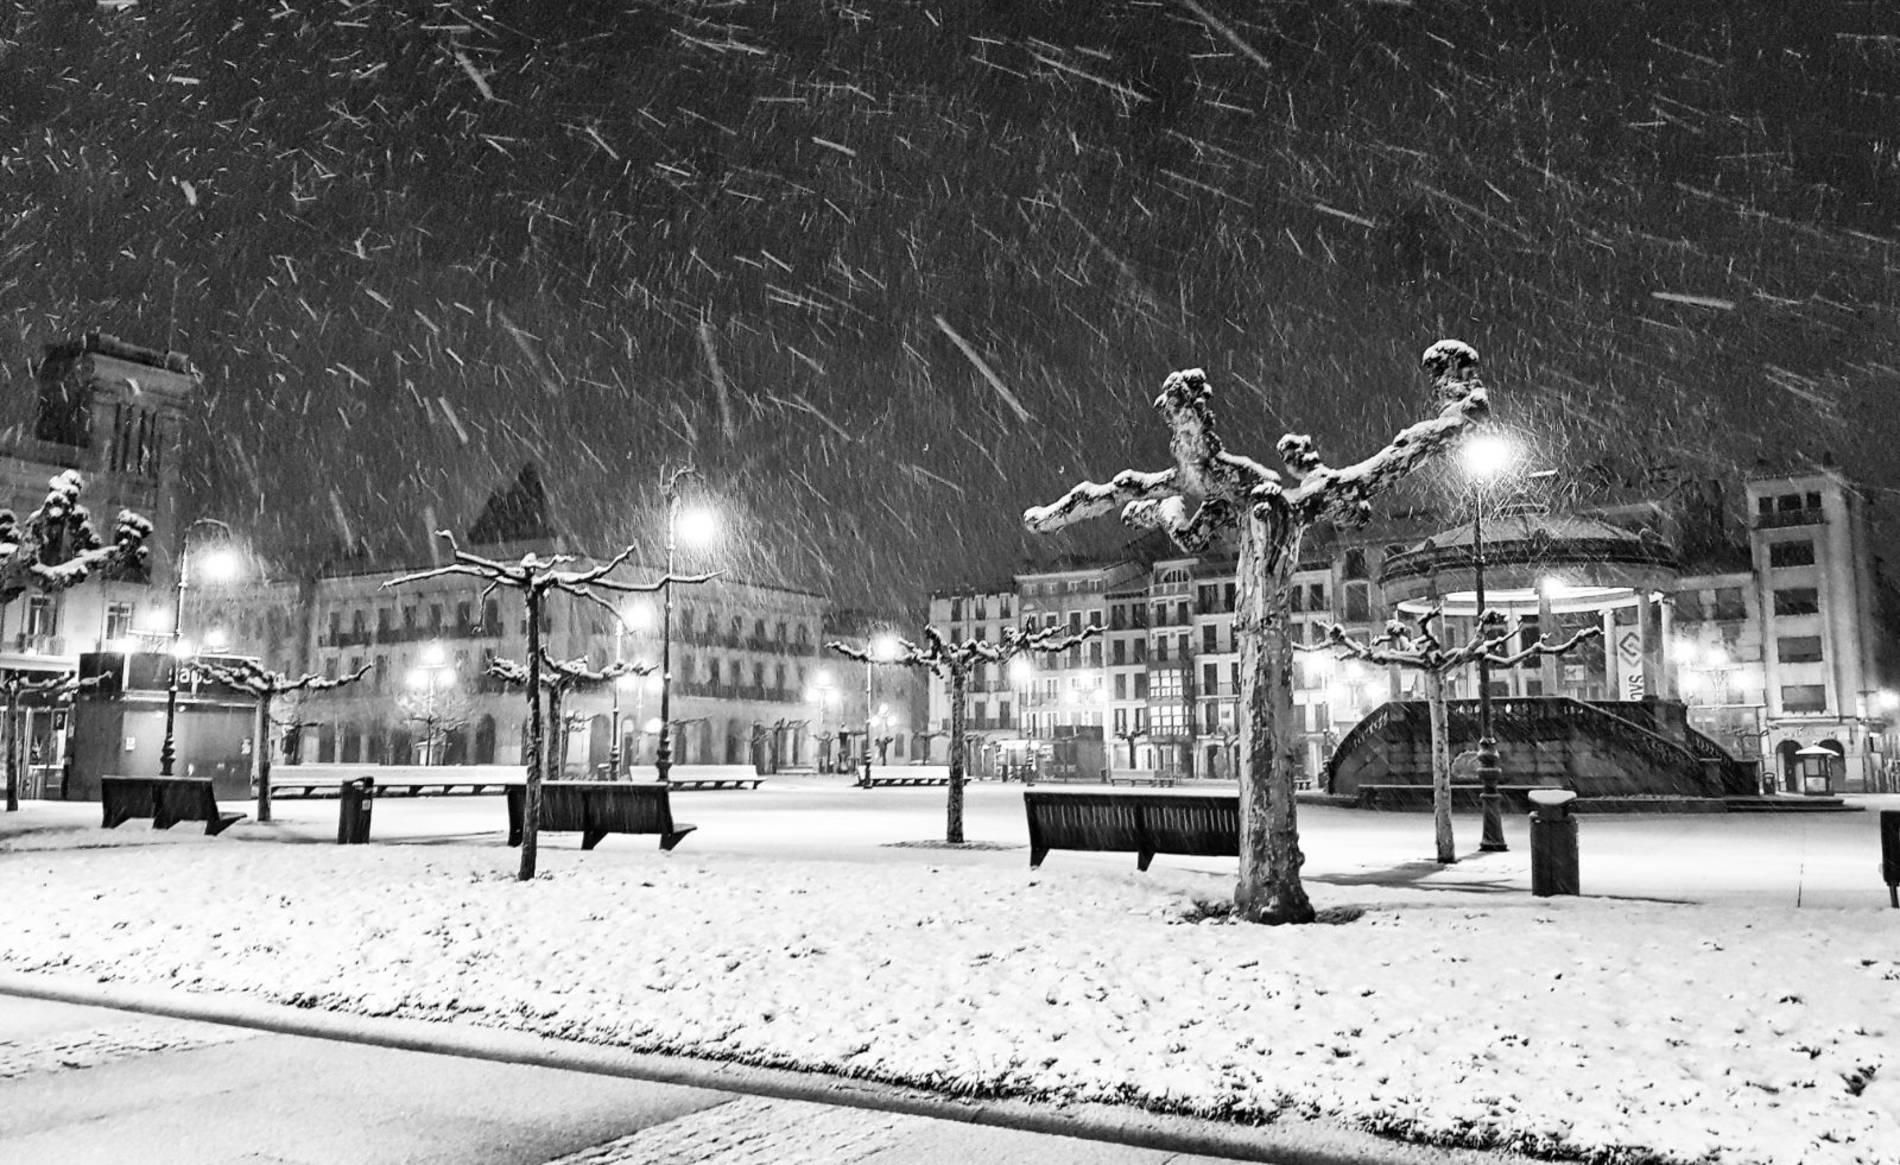 Fotos del invierno de los lectores (1/43) - Fotos del invierno enviadas por los lectores de Diario de Navarra - Contenidos -